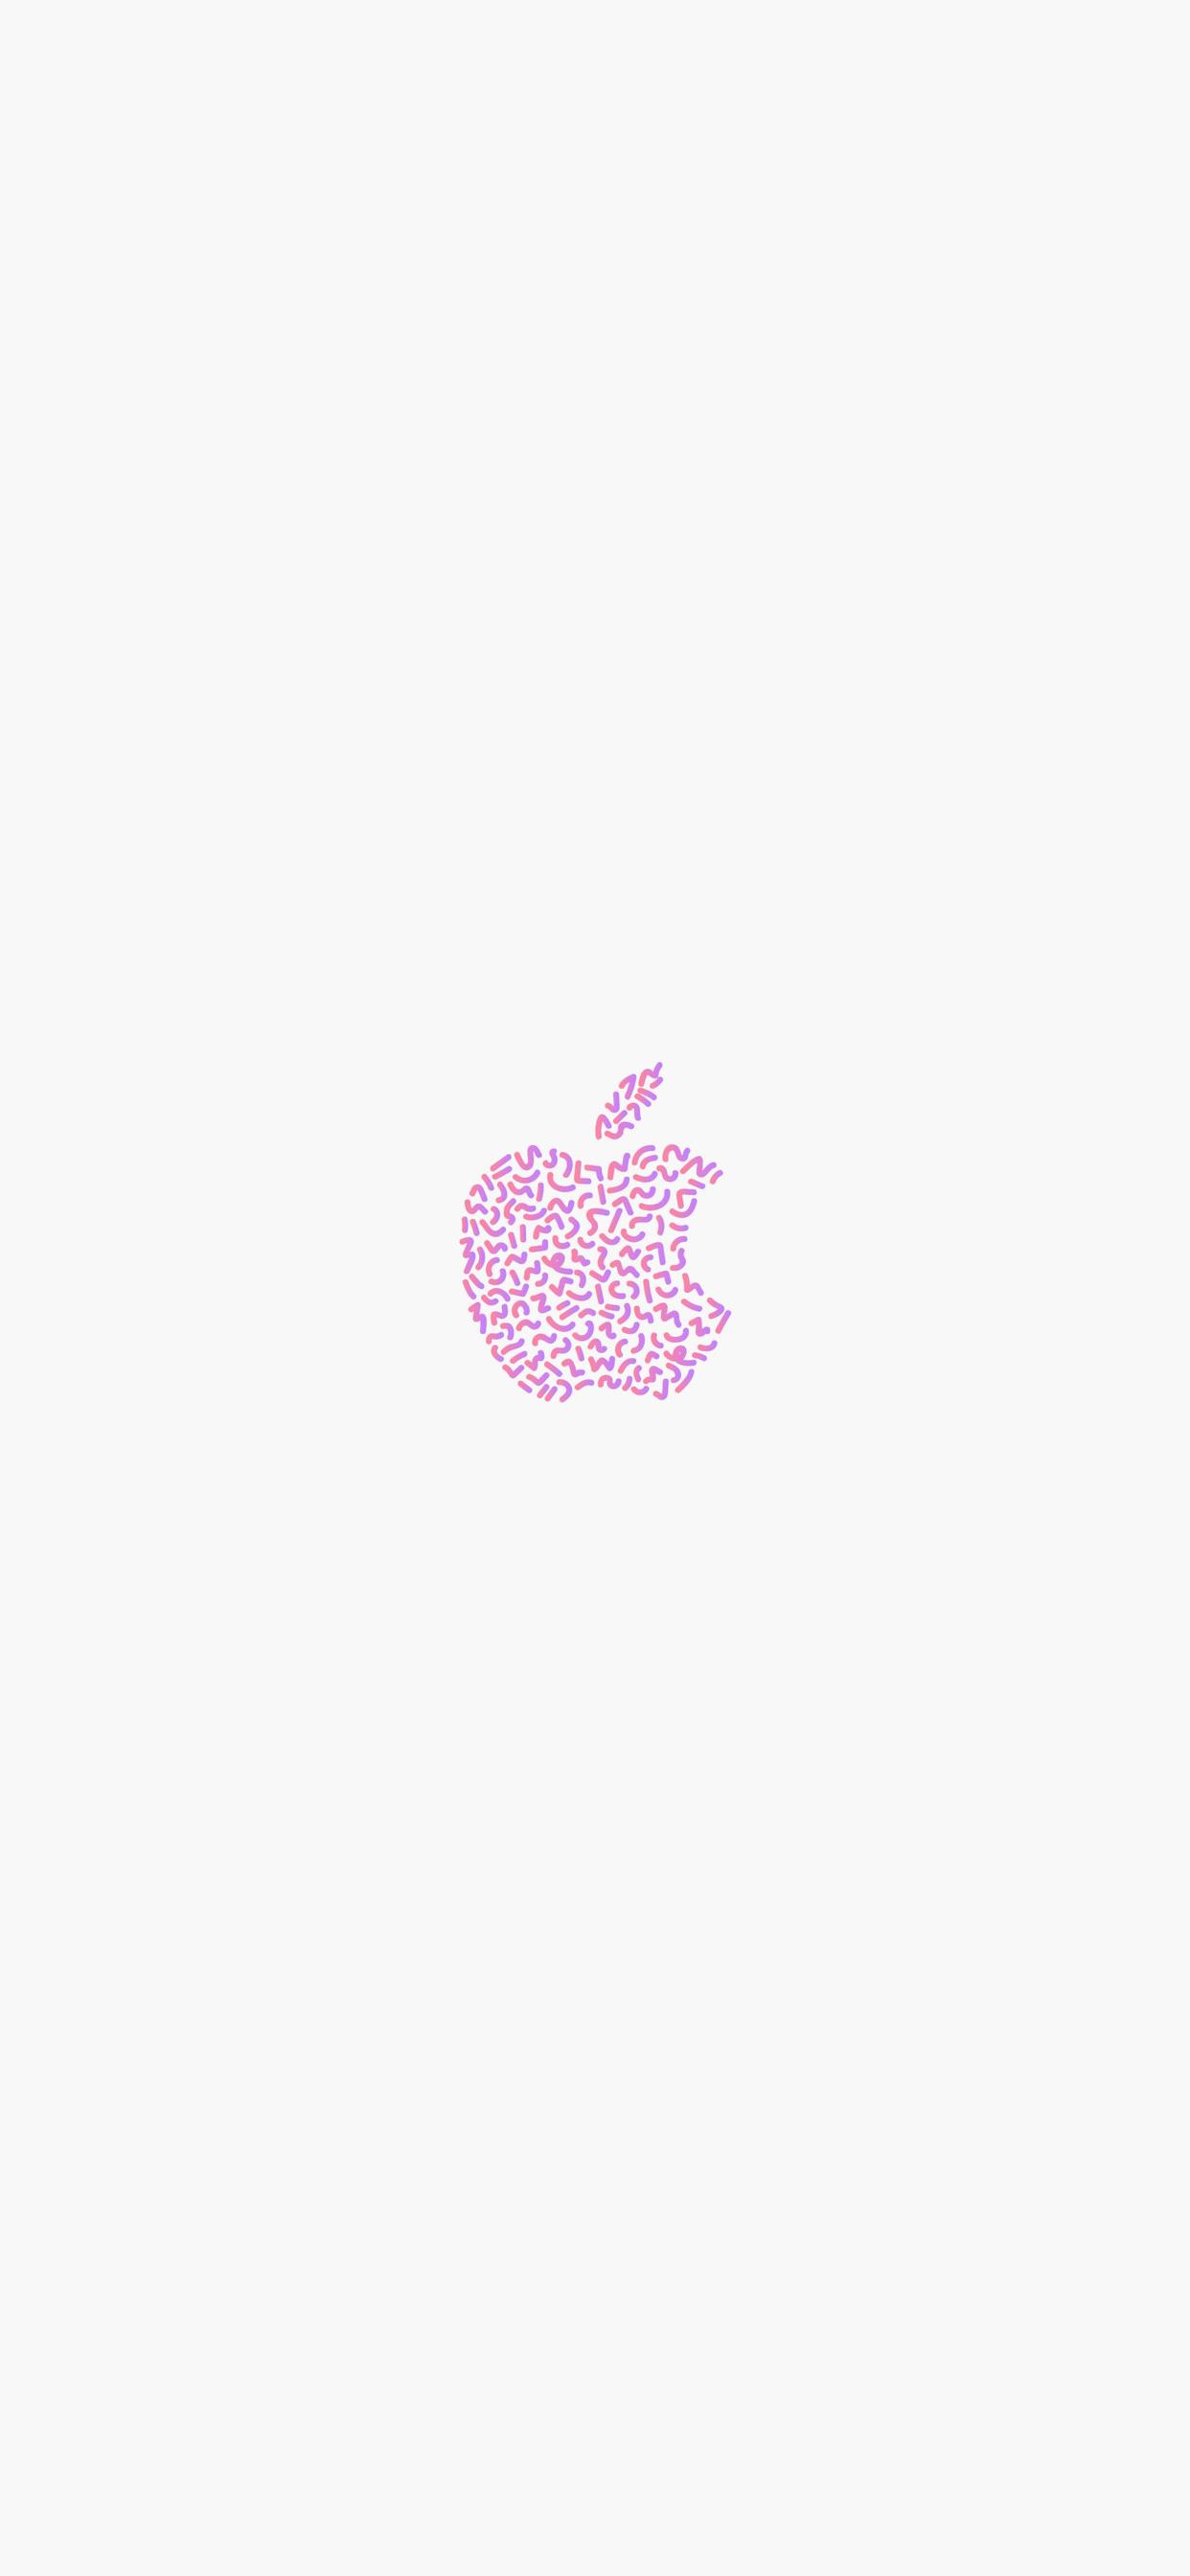 22 Fonds d'écran avec le logo Apple pour iPhone